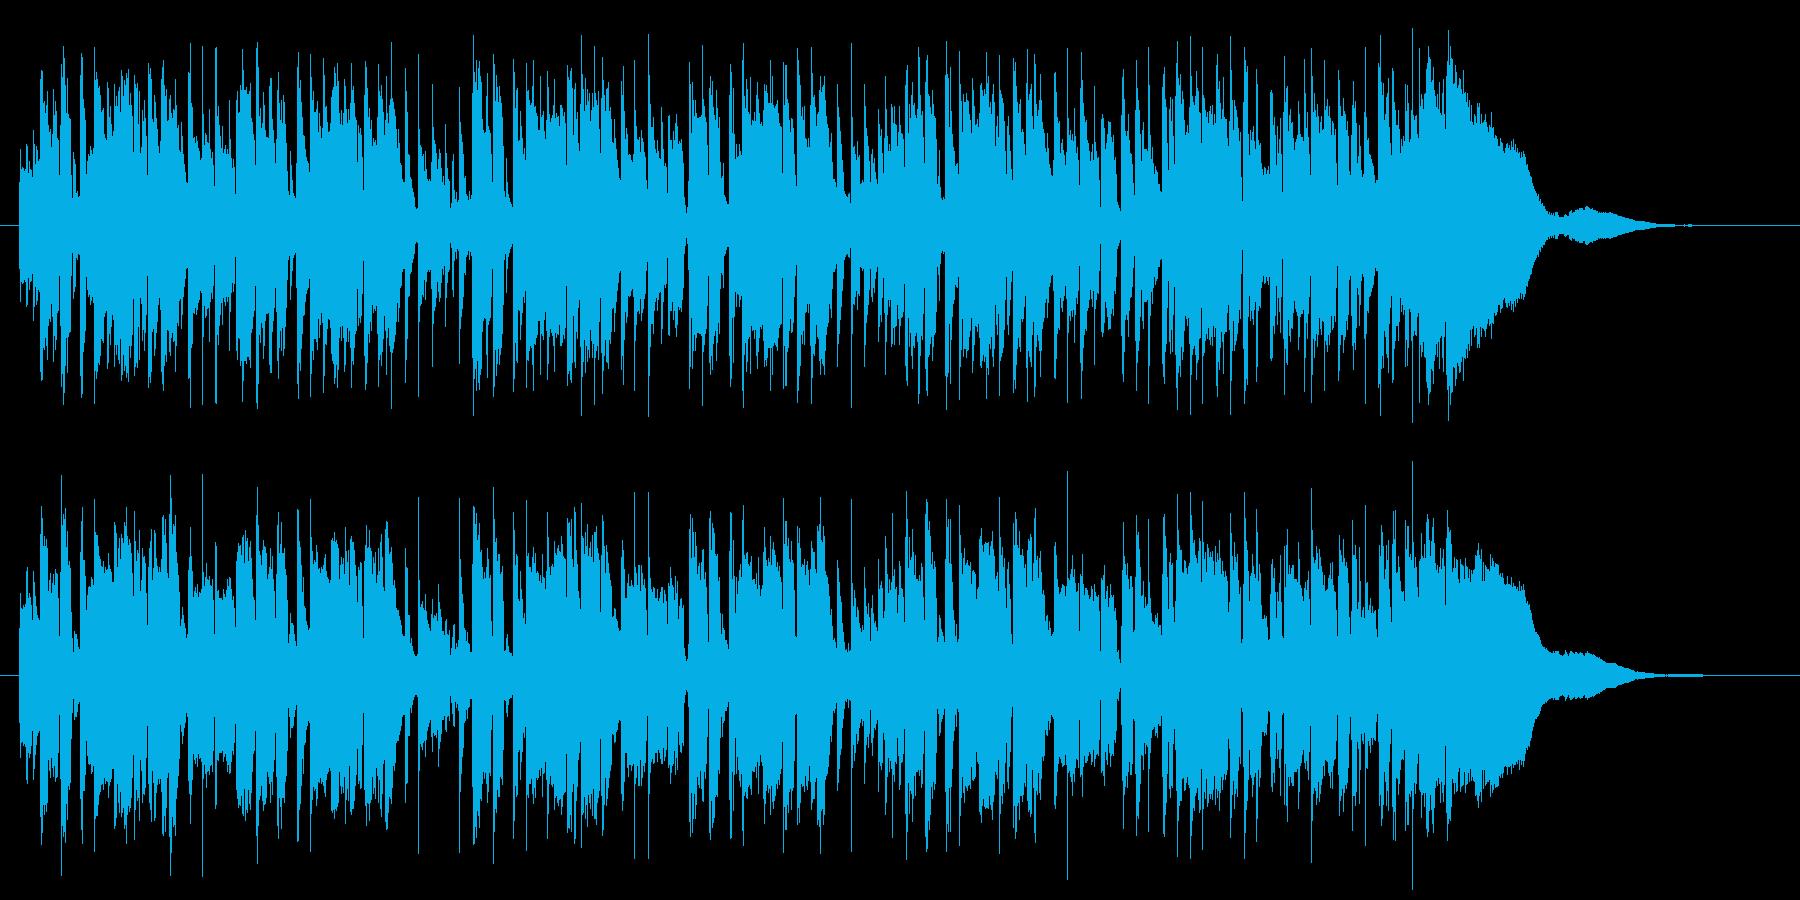 軽快で軽やかなピアノポップジングルの再生済みの波形